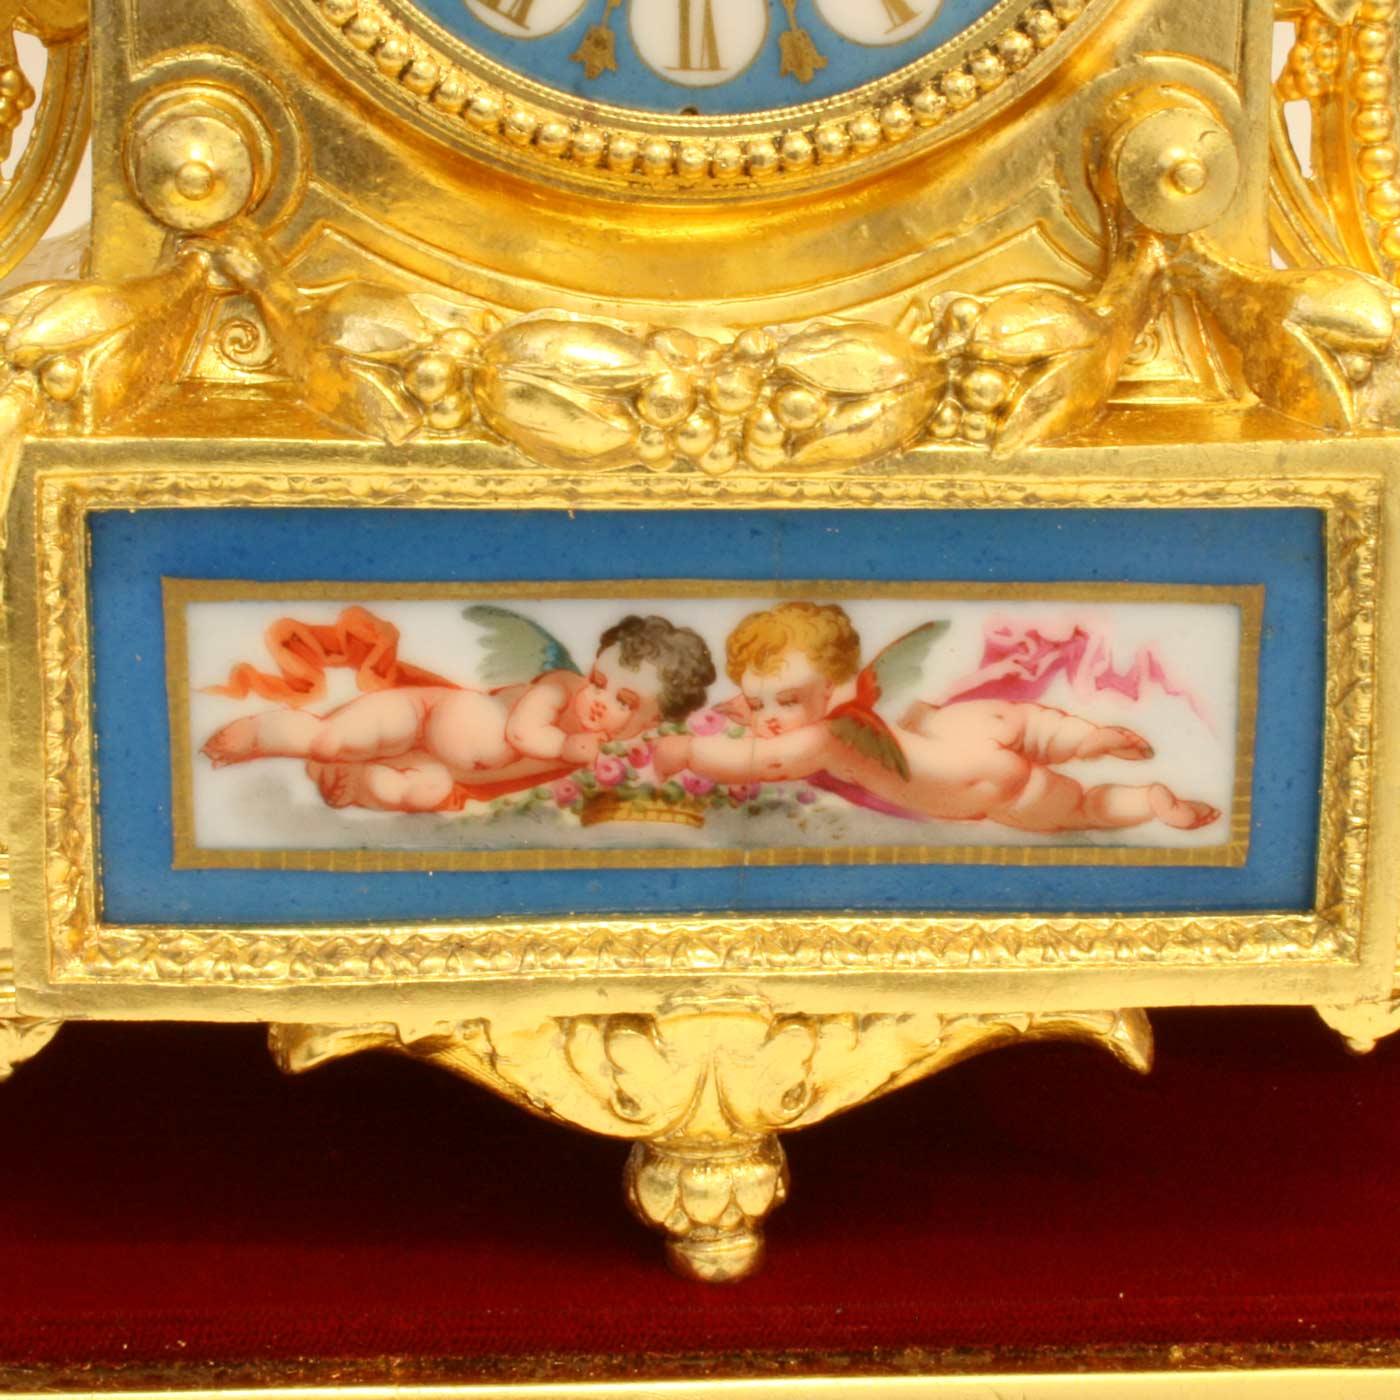 french-clock-es3049-9